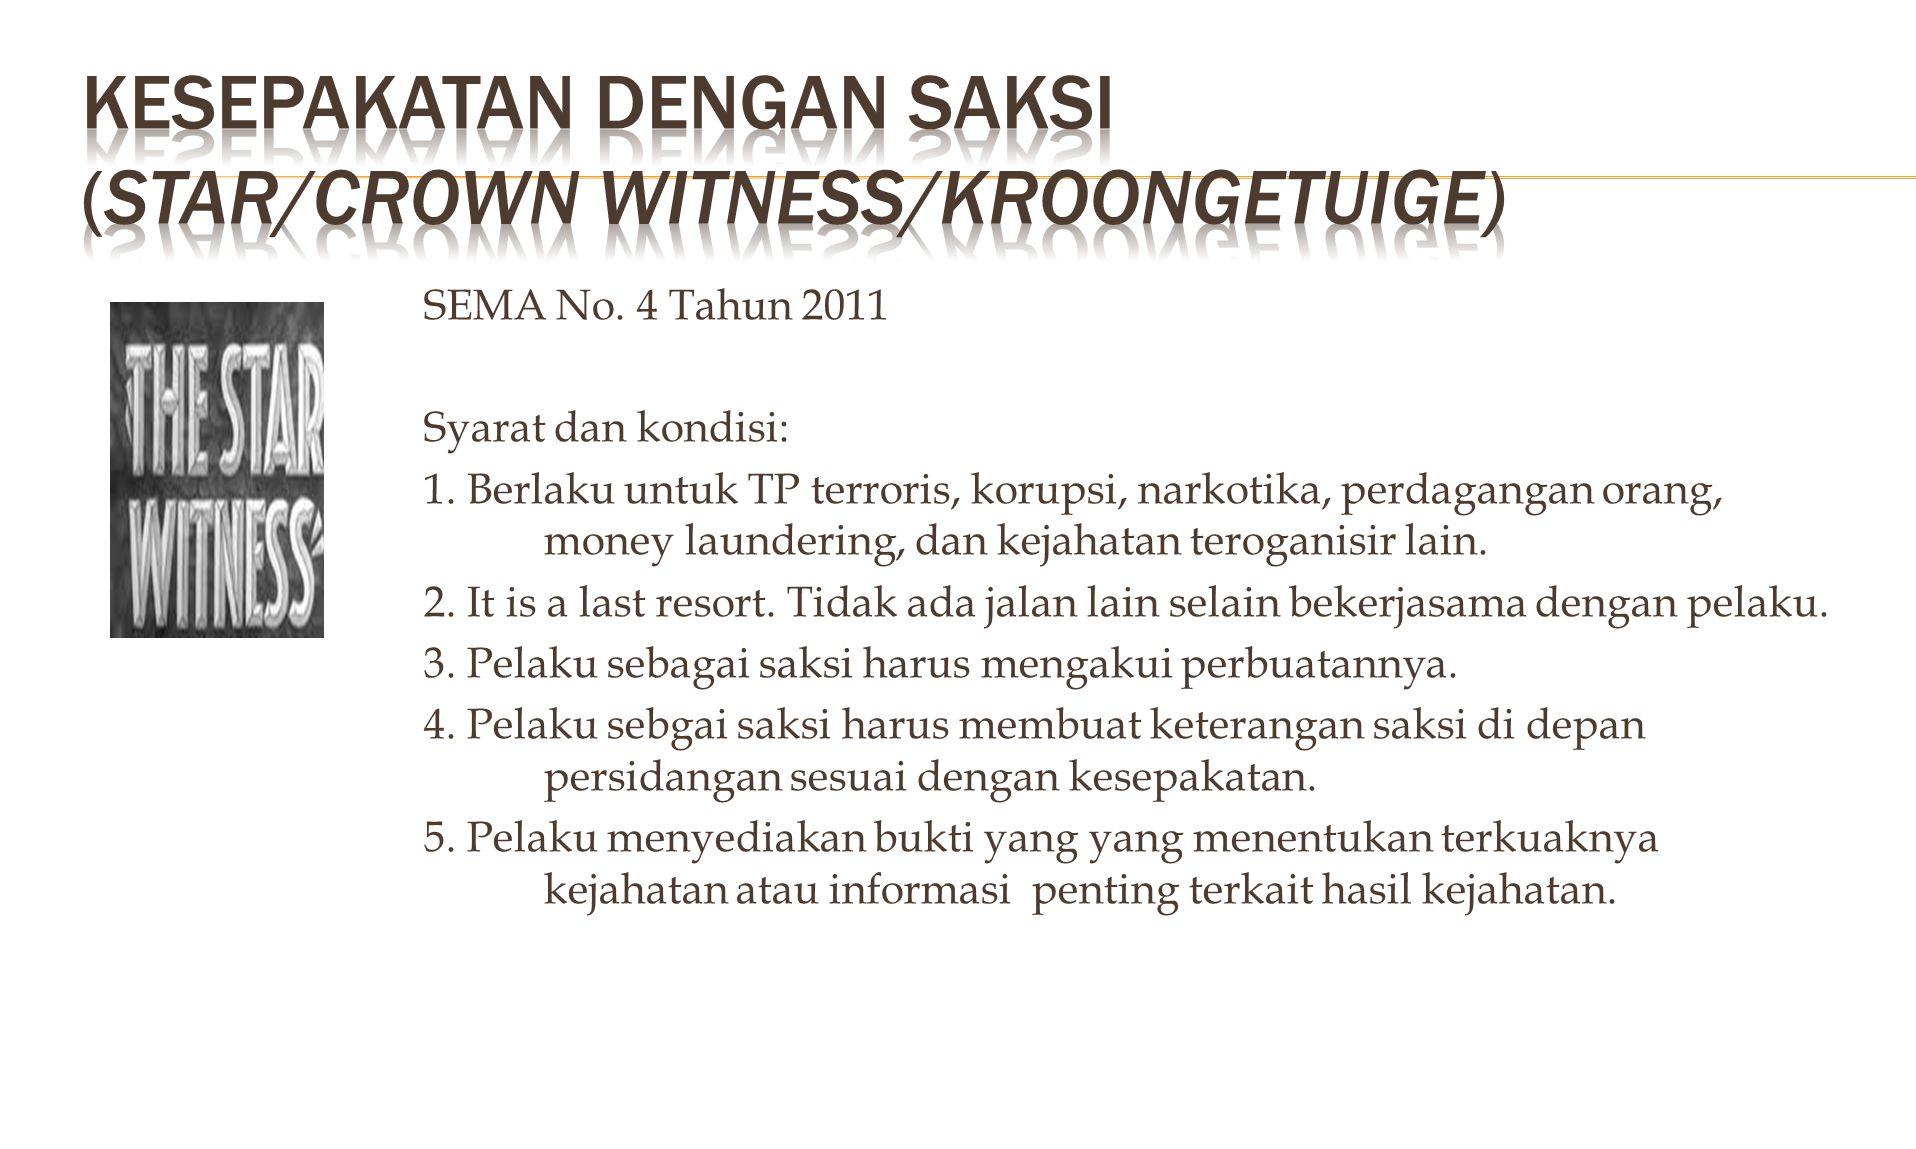 KUHAPRUU KUHAPINGGRIS KUHAP tidak mengenal hakim komisaris.